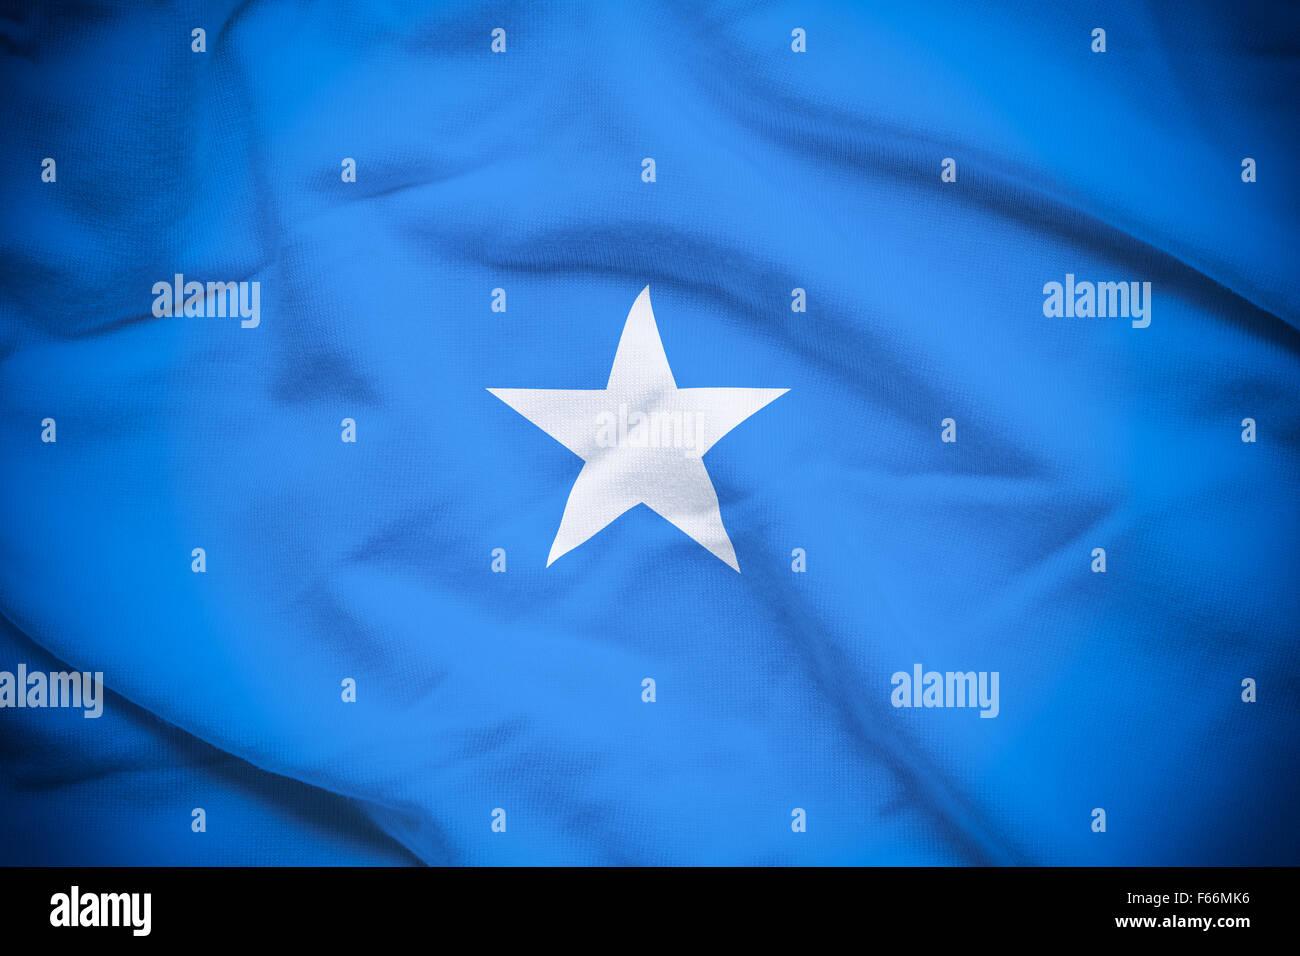 Wavy and rippled national flag of Somalia background. Stock Photo